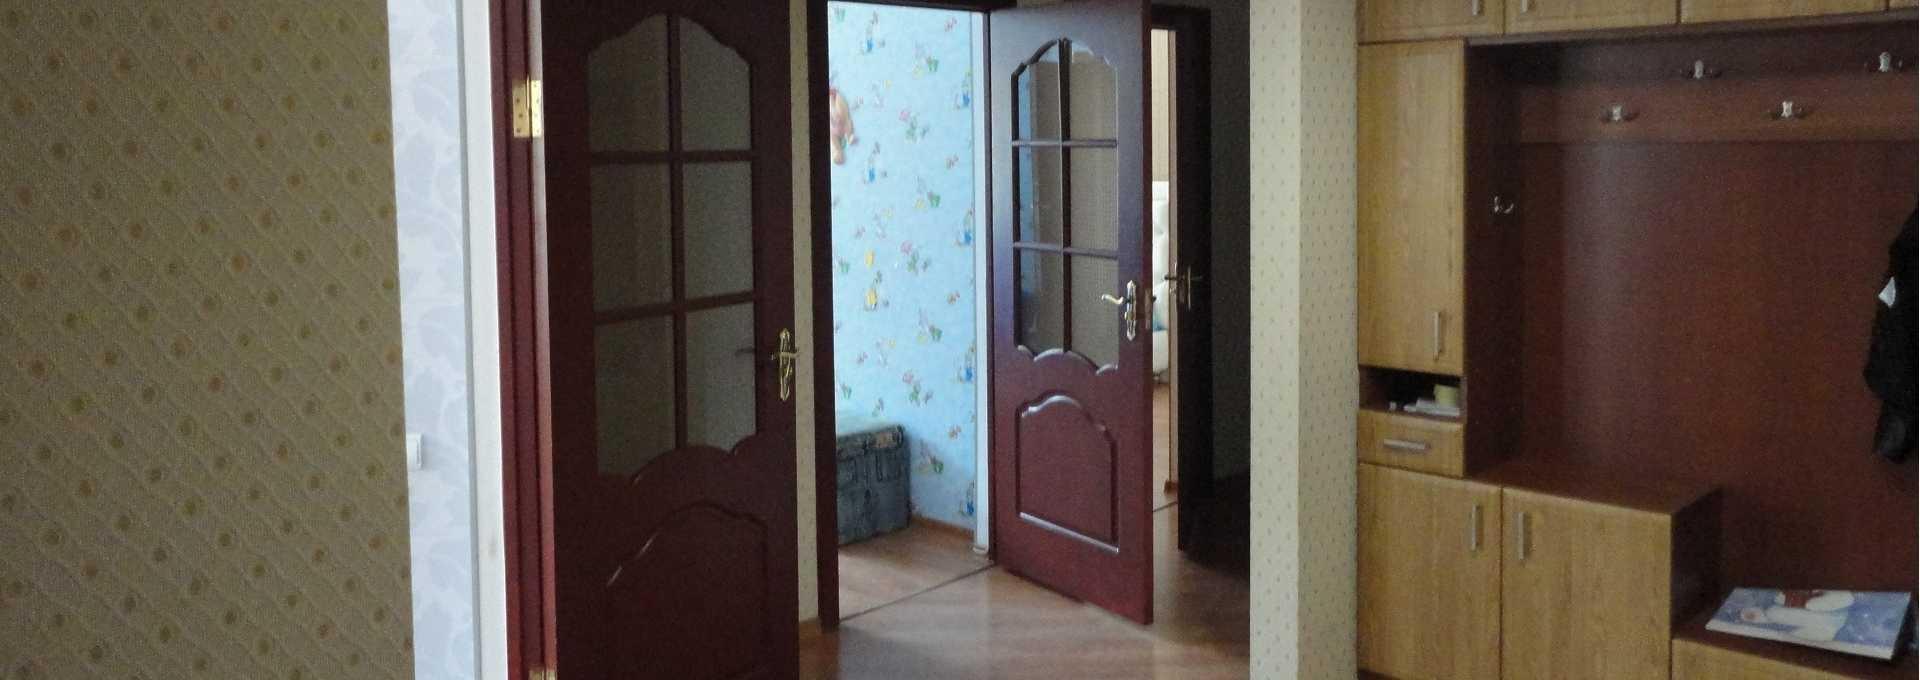 Реставрація дерев'яних дверей